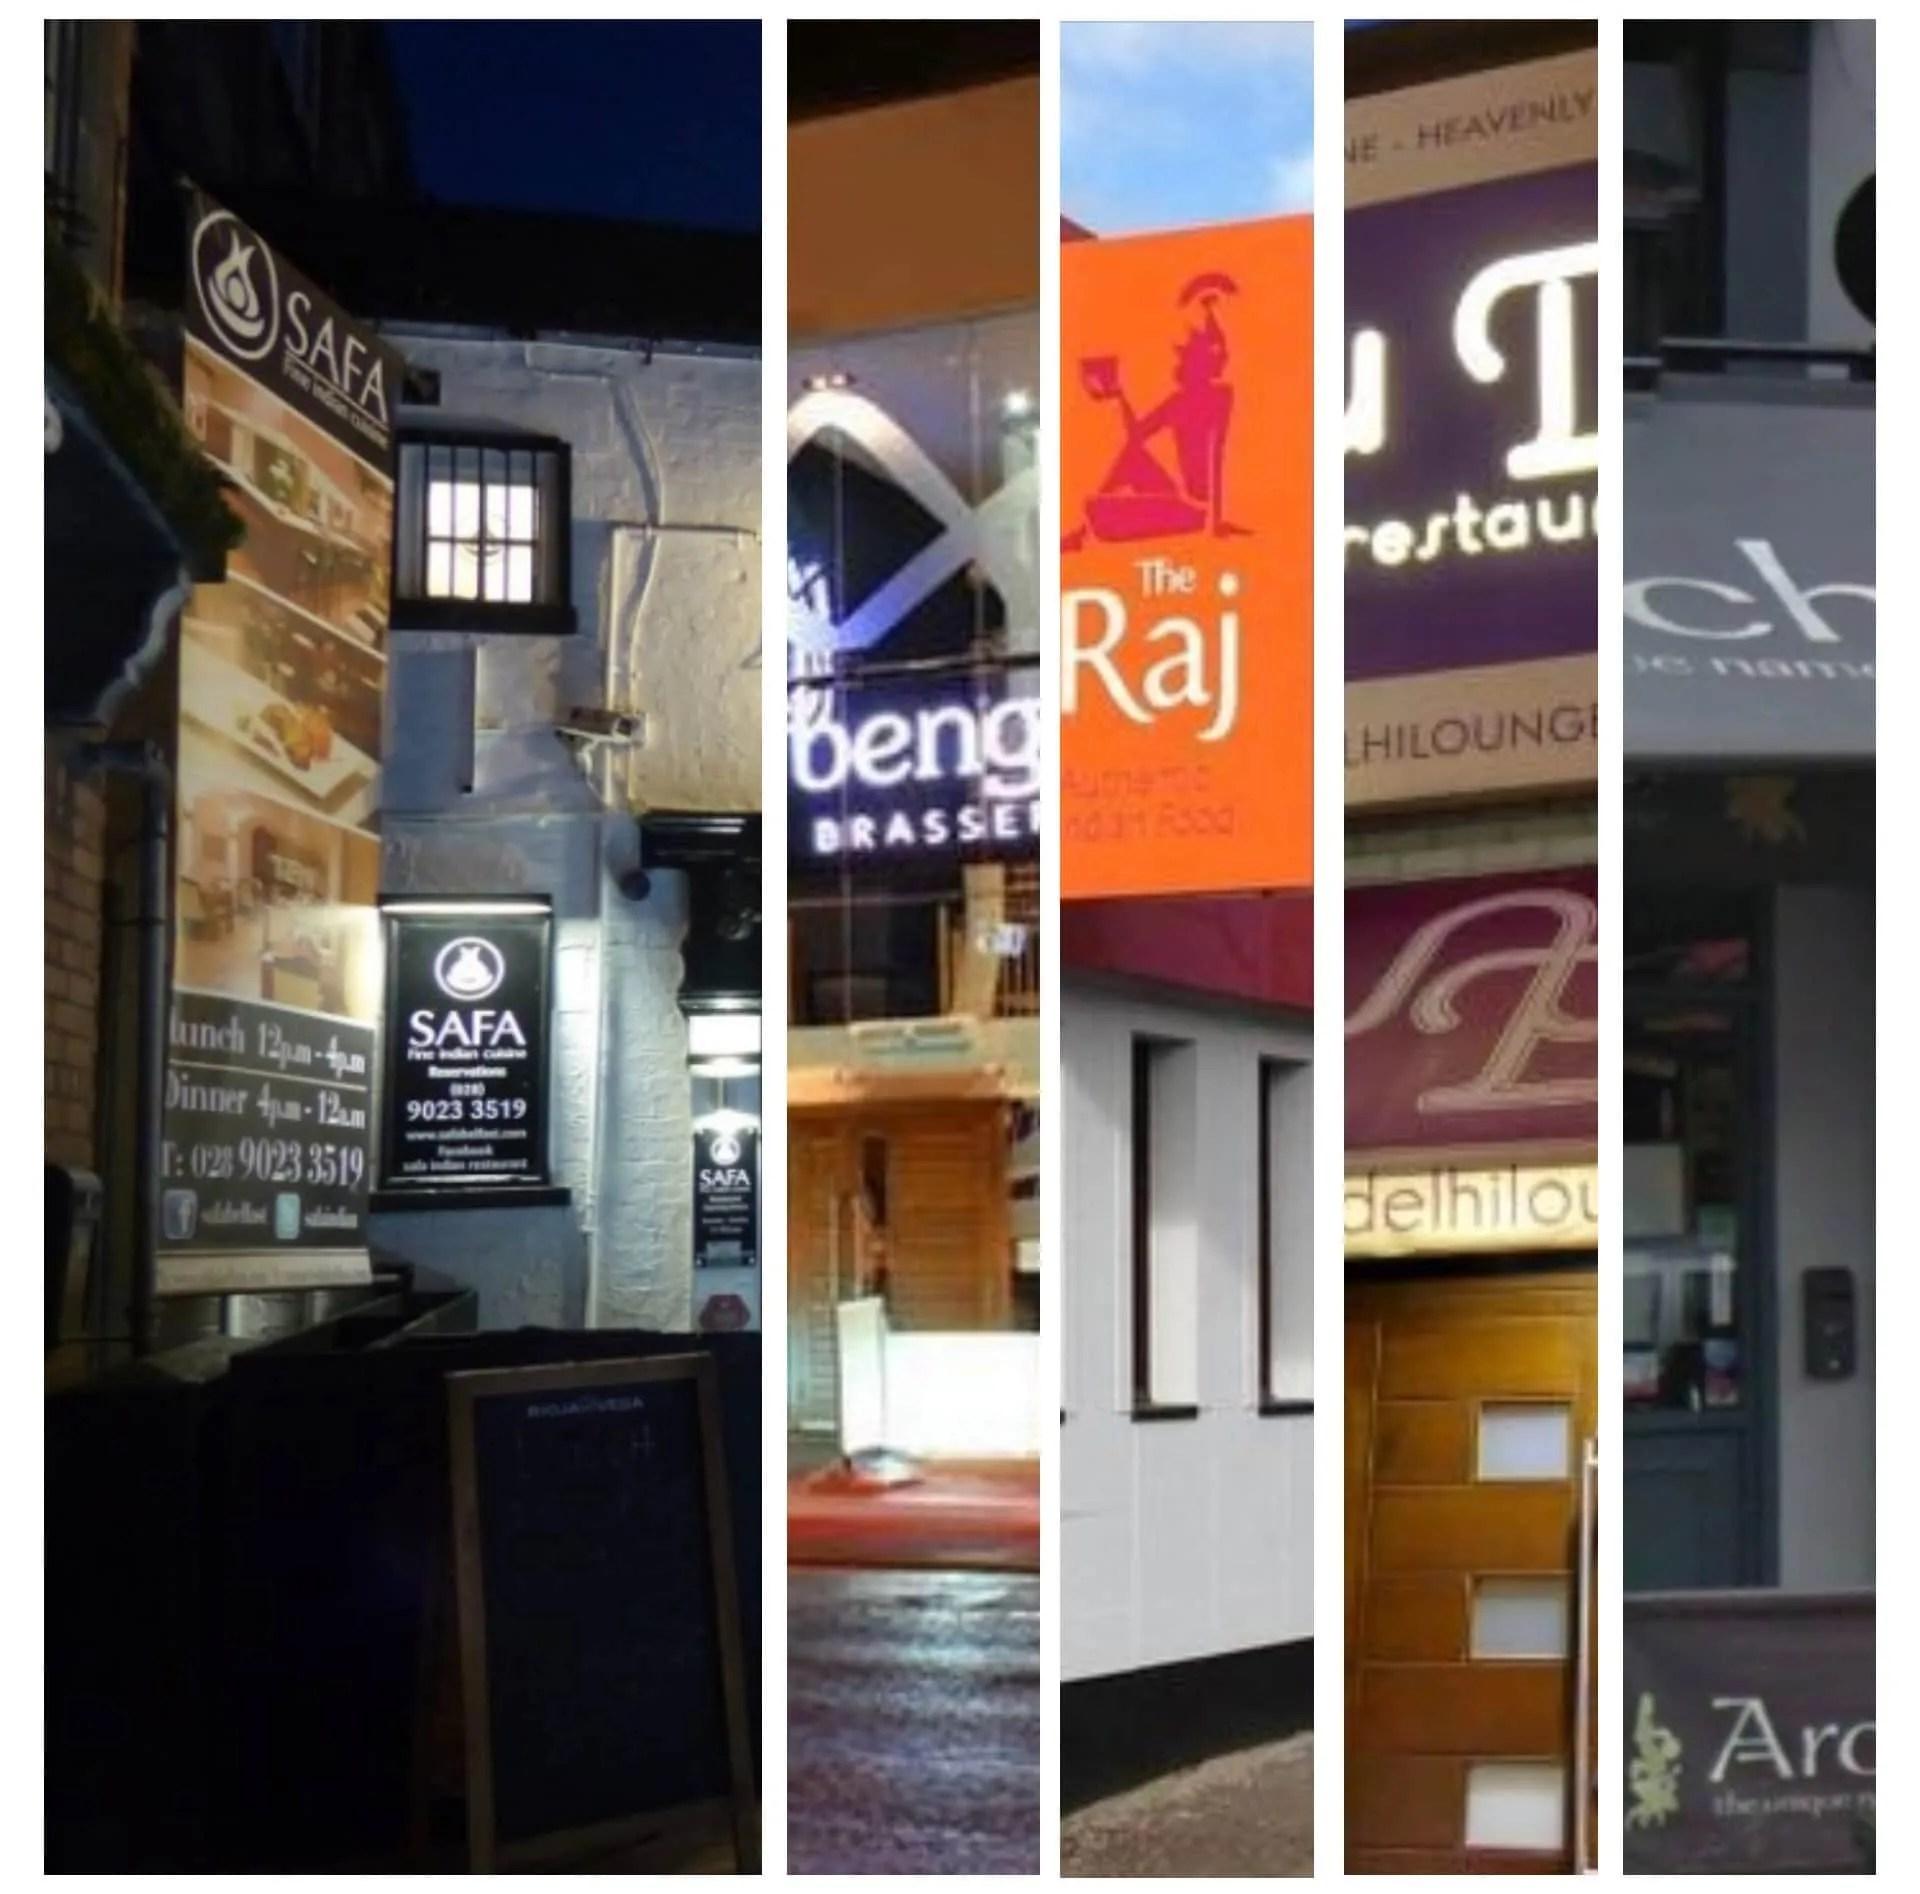 Top 10 Indian Restaurants in Belfast